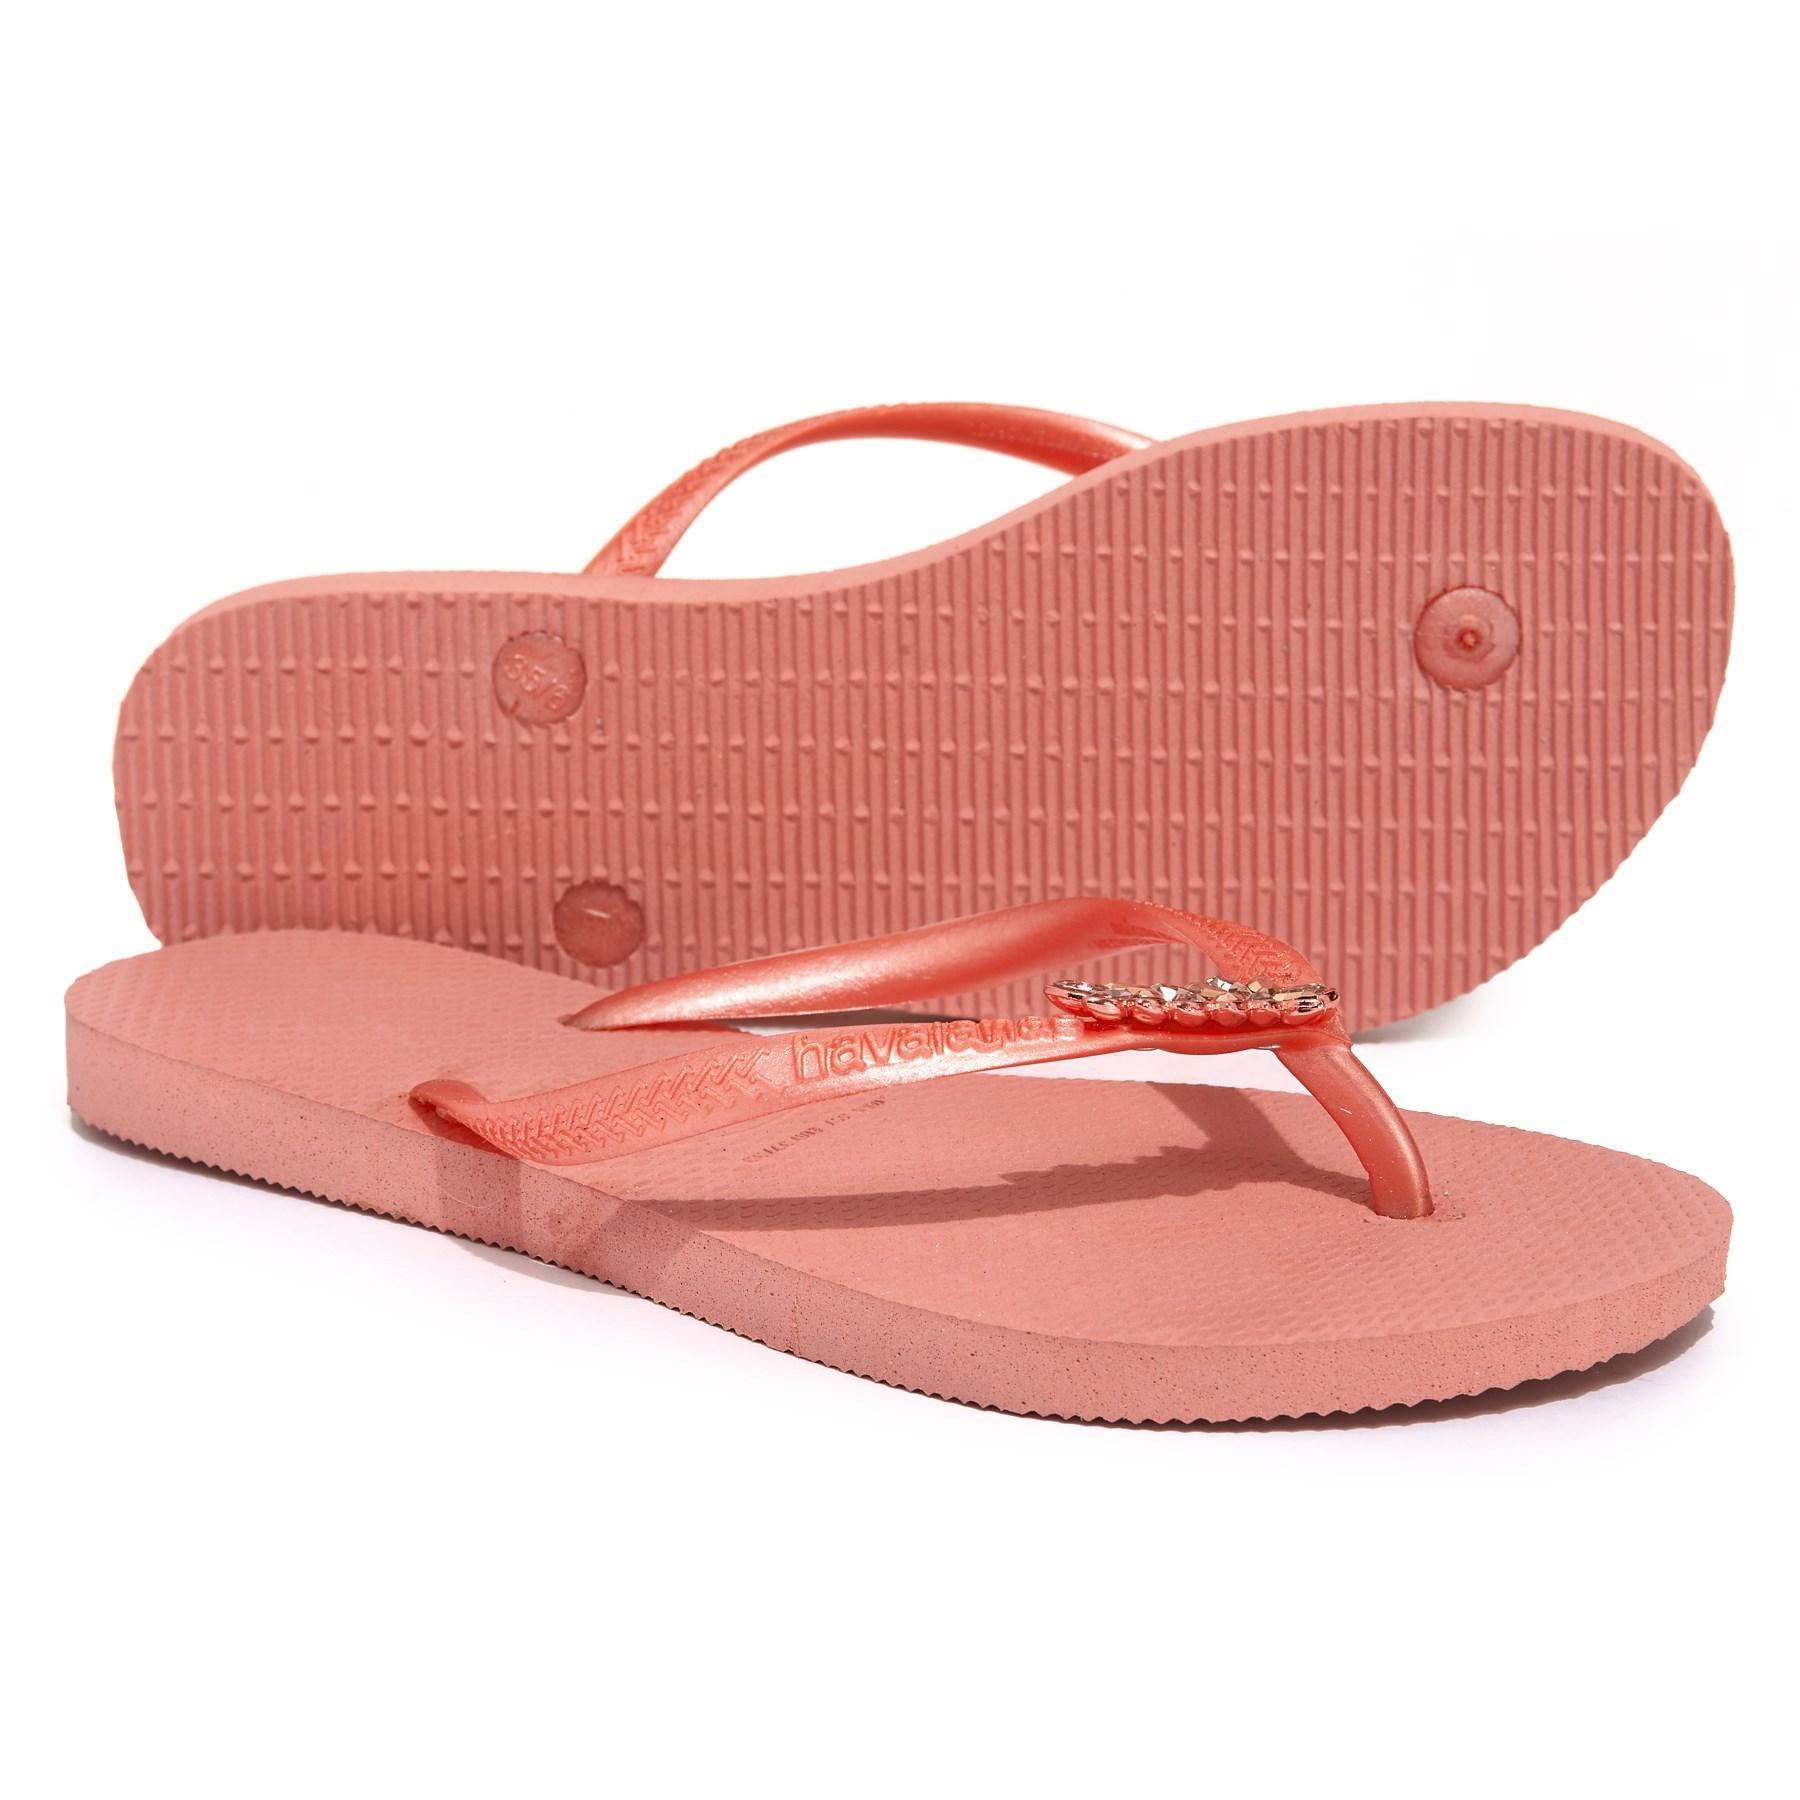 9c93769f4 Lyst - Havaianas Slim Lux Flip Flop (women) in Pink - Save 21%